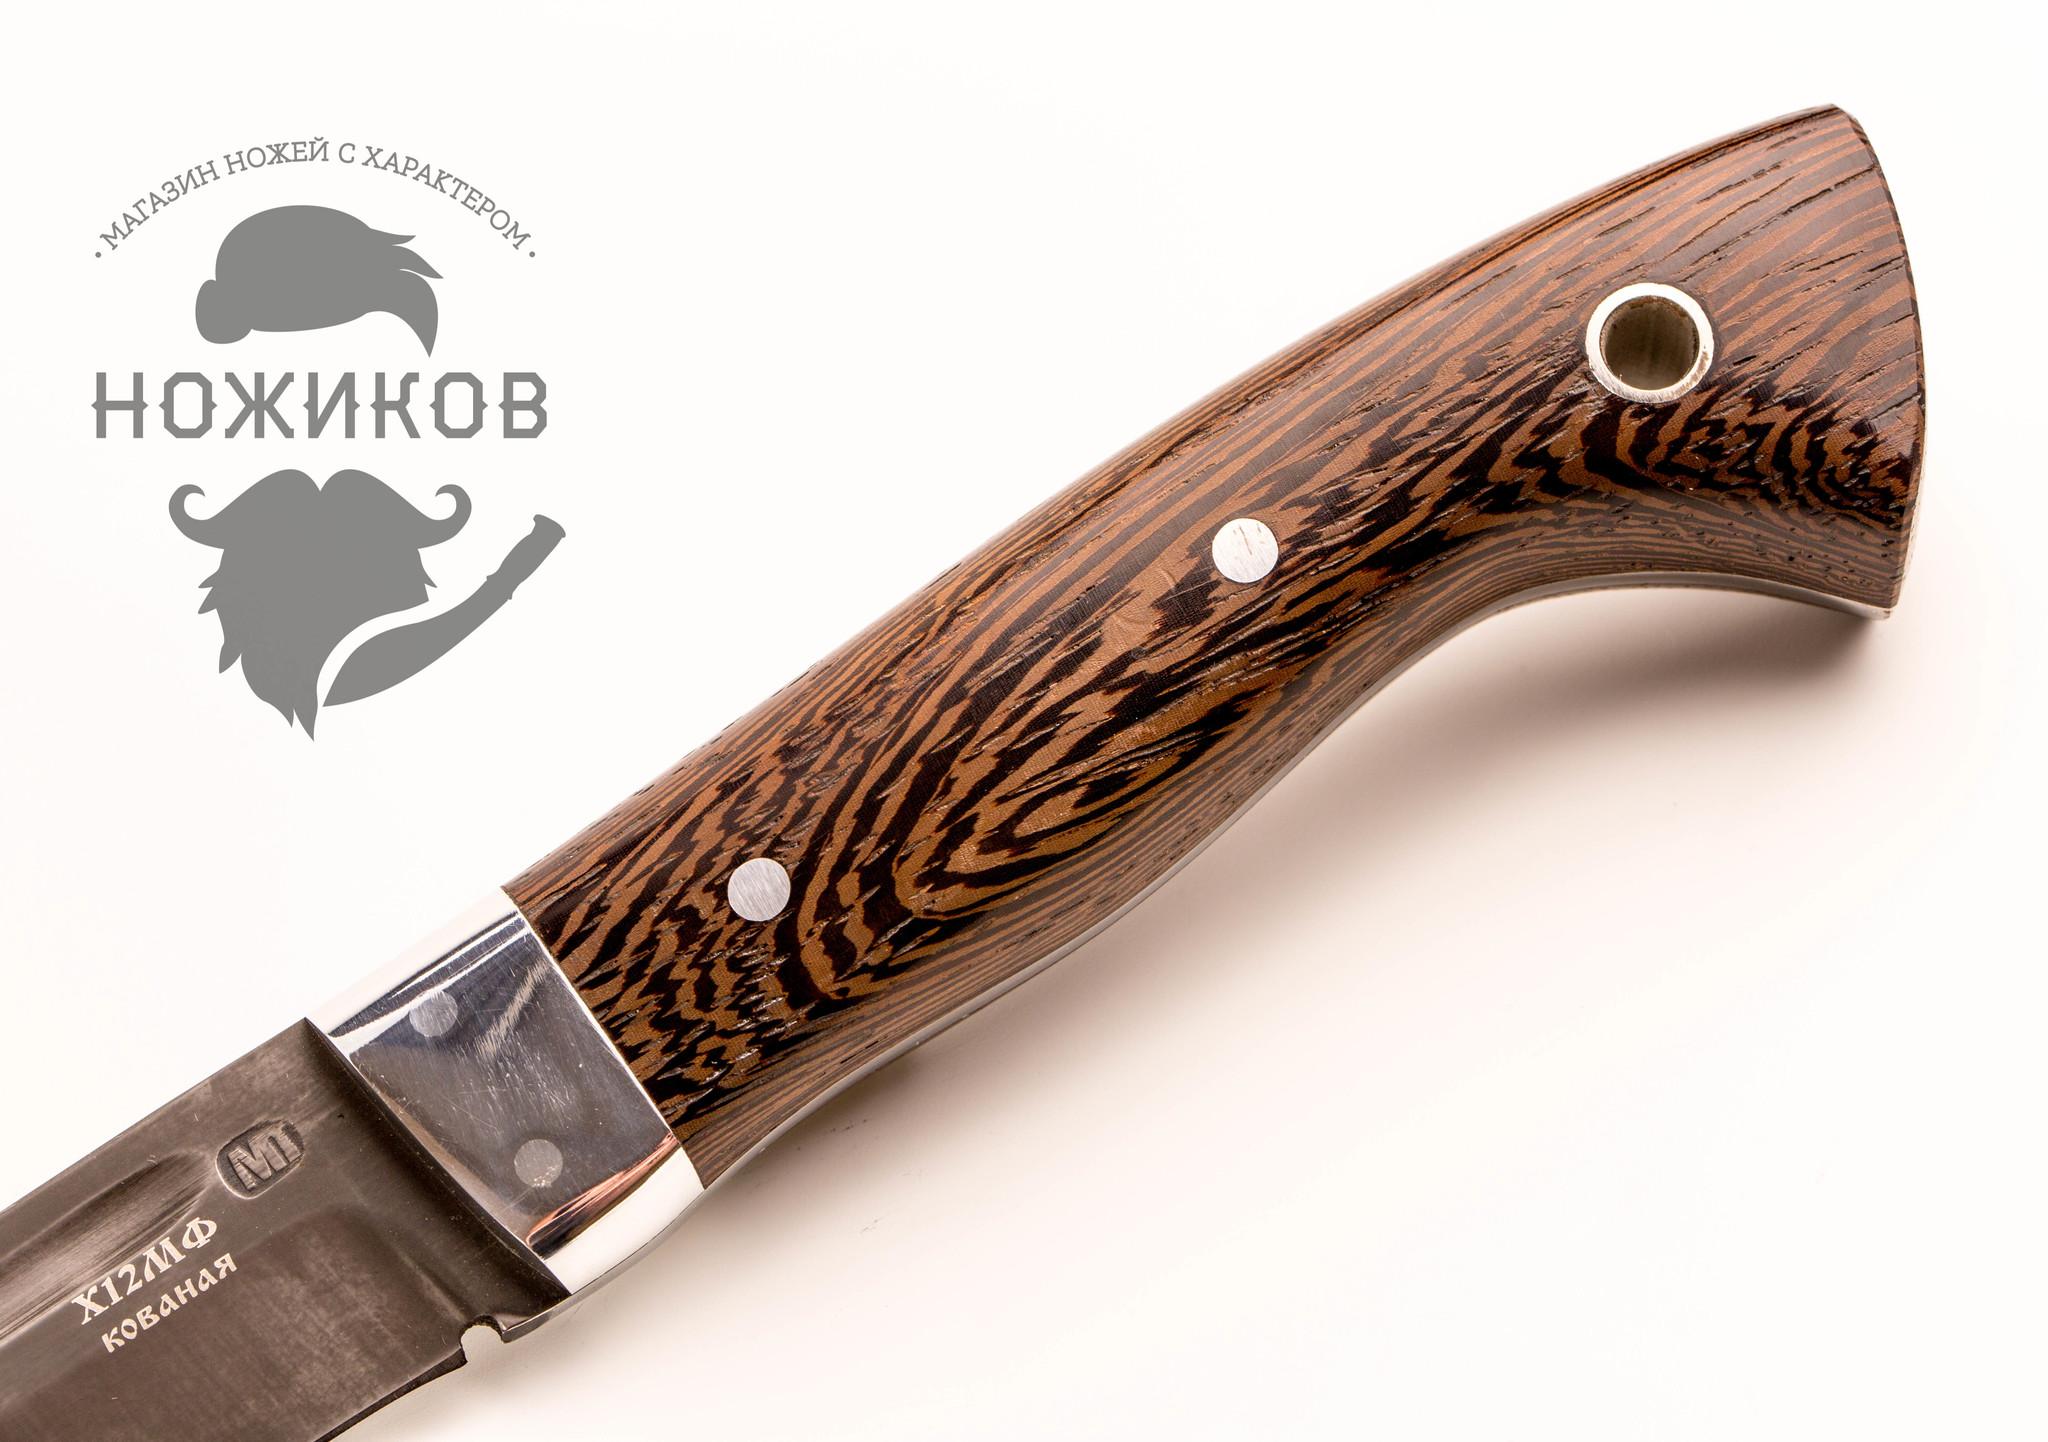 Фото 11 - Нож МТ-7, цельнометаллический Х12МФ, венге, Ворсма